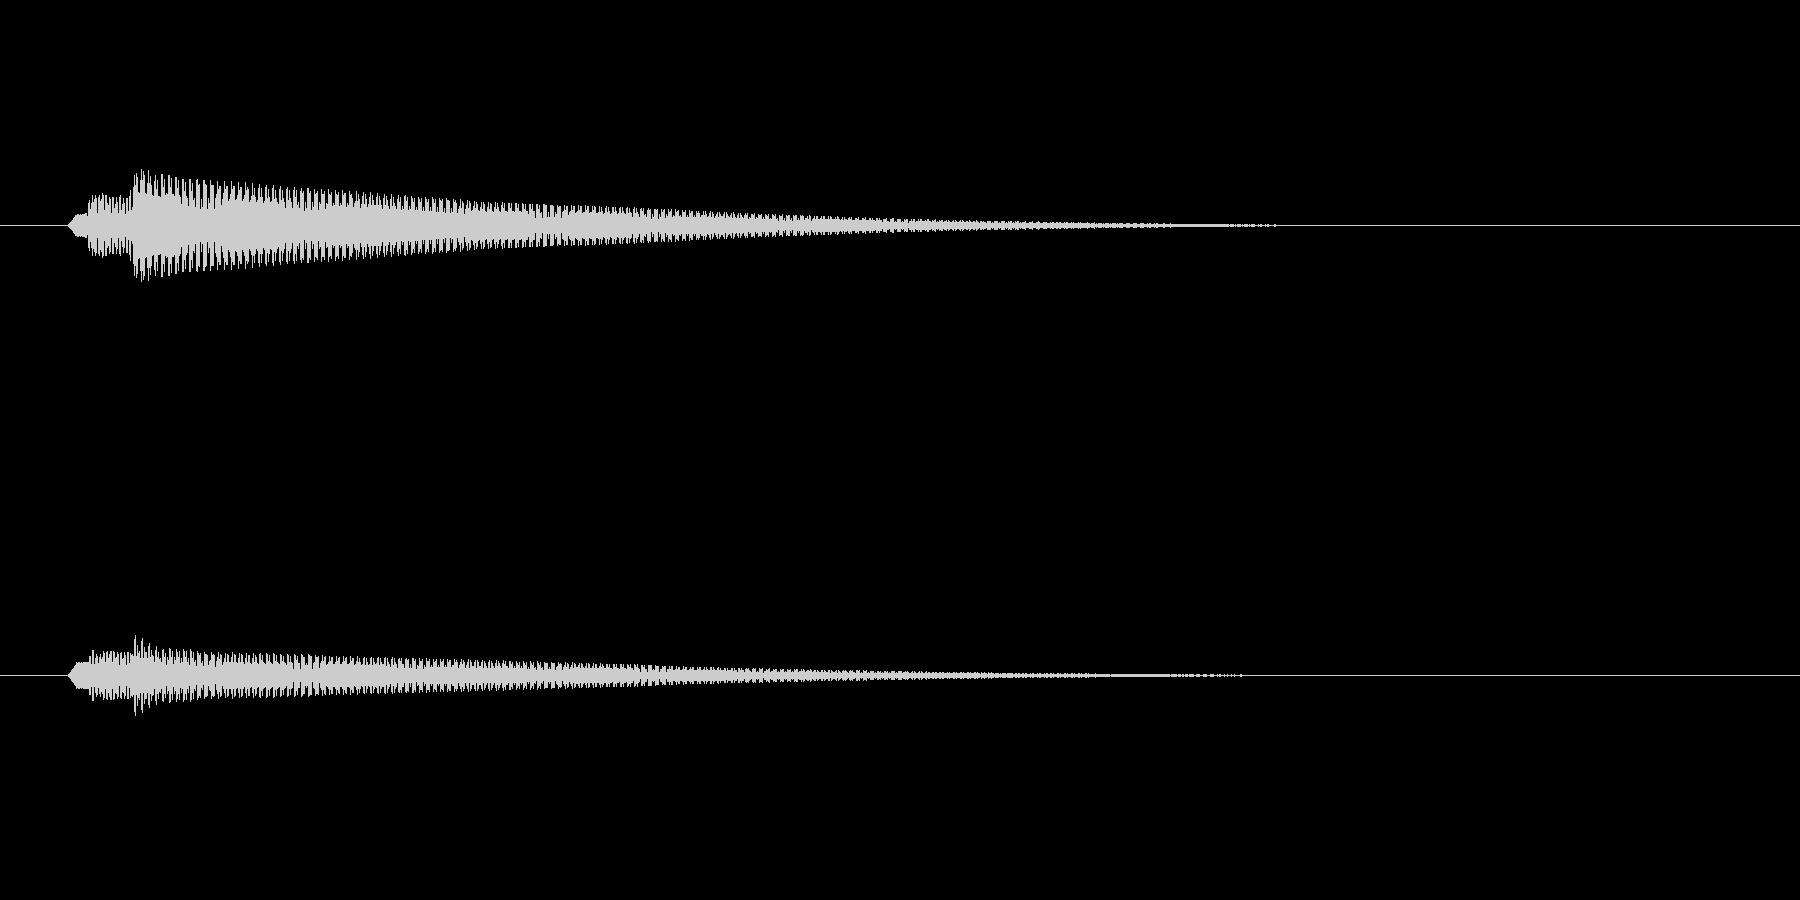 セーブ・ロード1ゲーム等(ピロローン)の未再生の波形